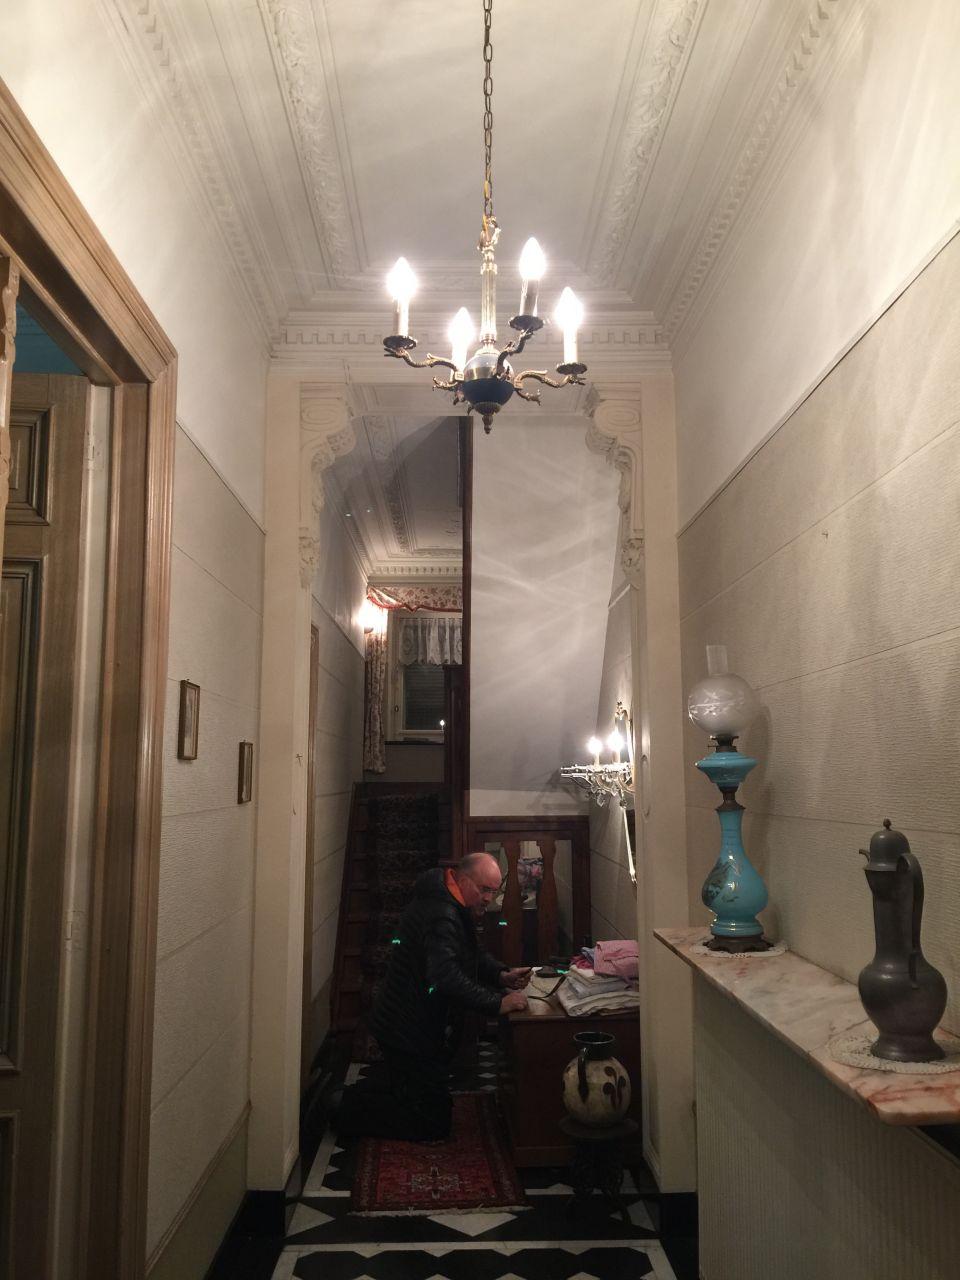 Hall d'entrée de la porte vers escalier avant que la maison ne soit vidée